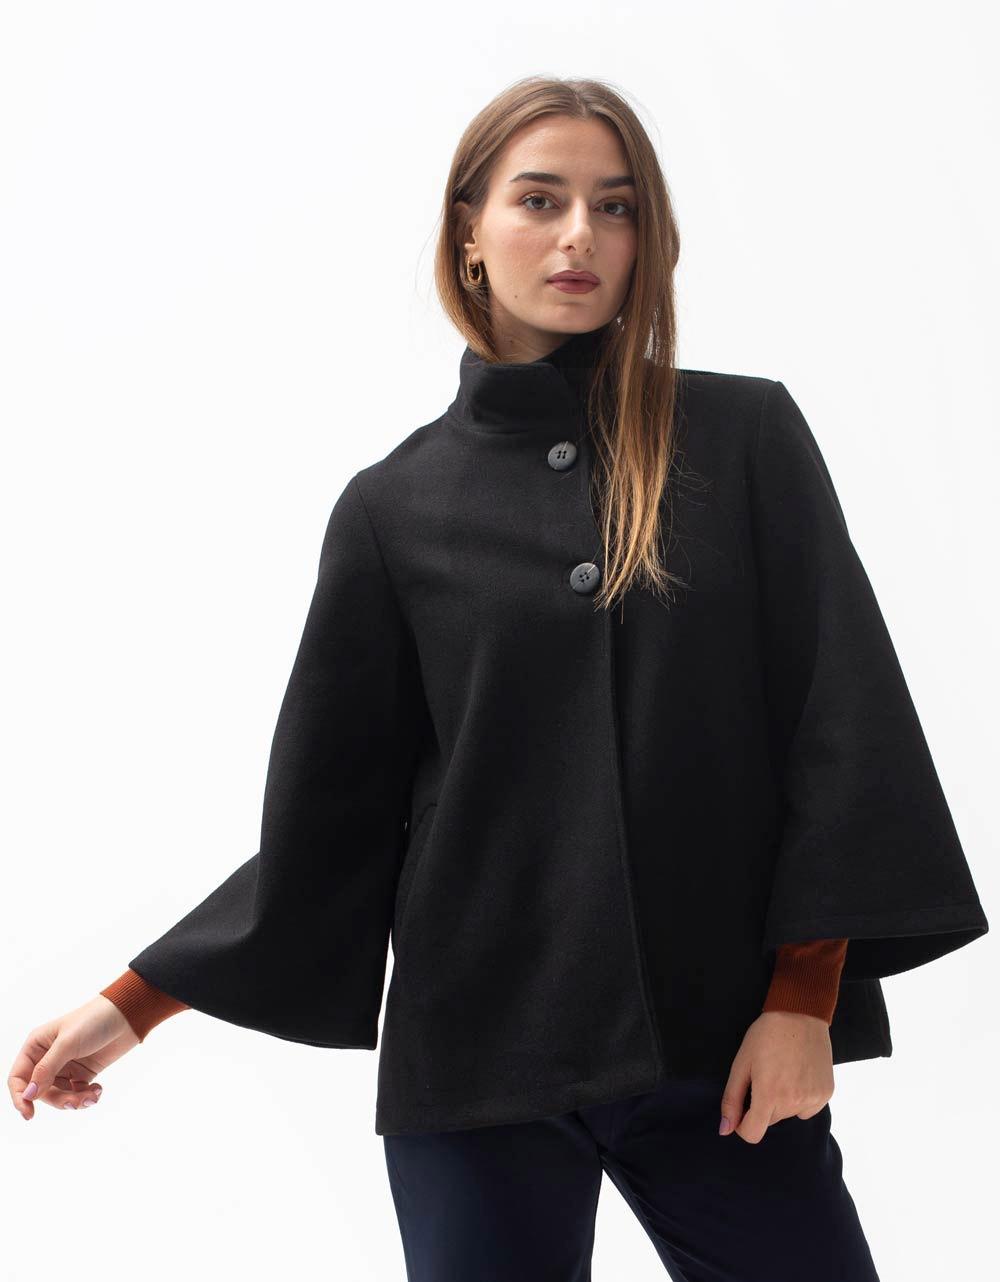 Εικόνα από Γυναικείο πανωφόρι με κουμπιά Μαύρο